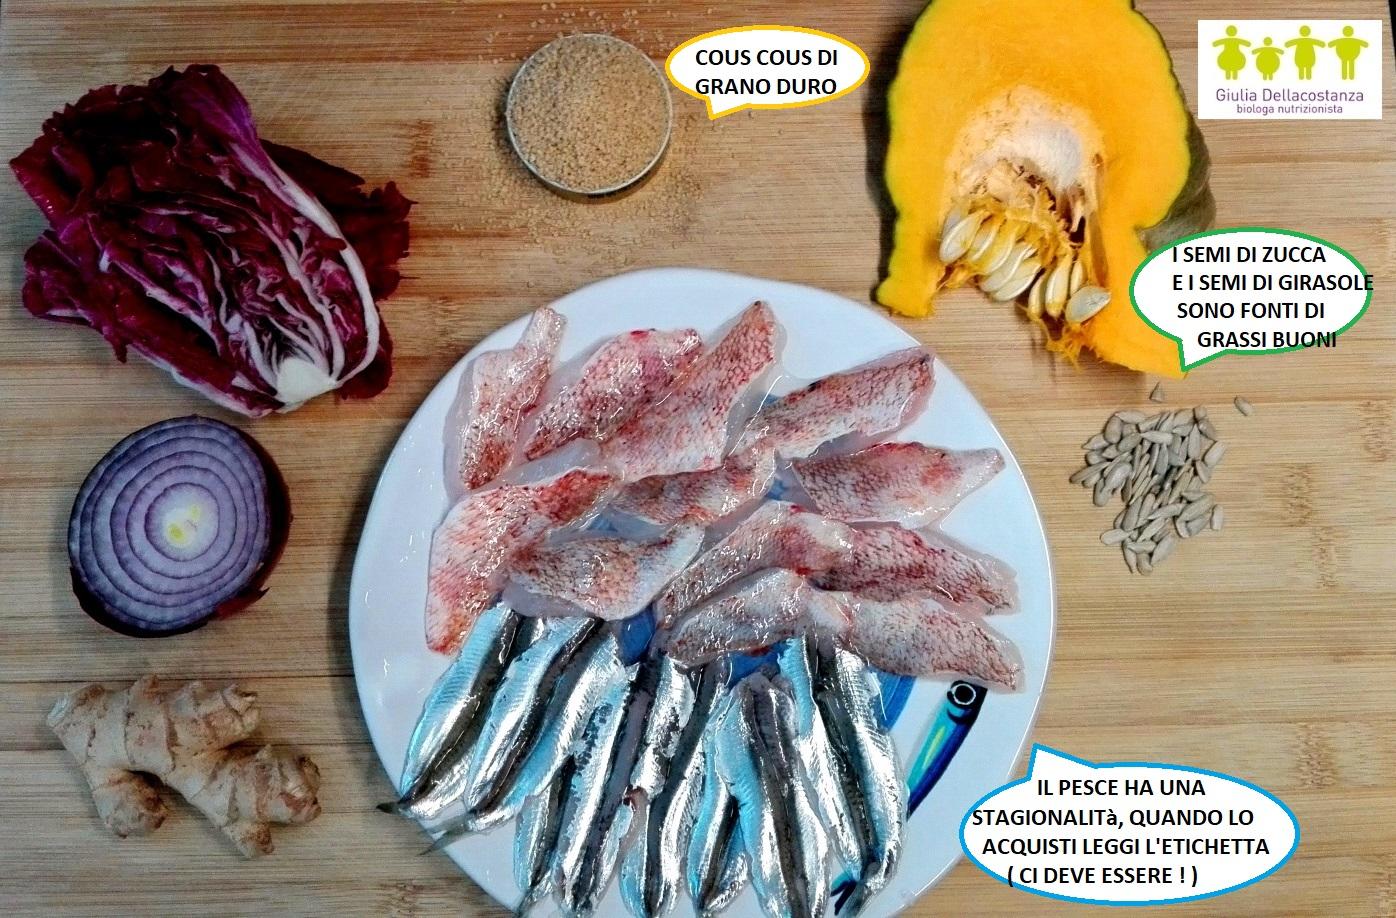 Mangiare pesce fresco, cereali integrali e verdure di stagione fa vivere più a lungo.